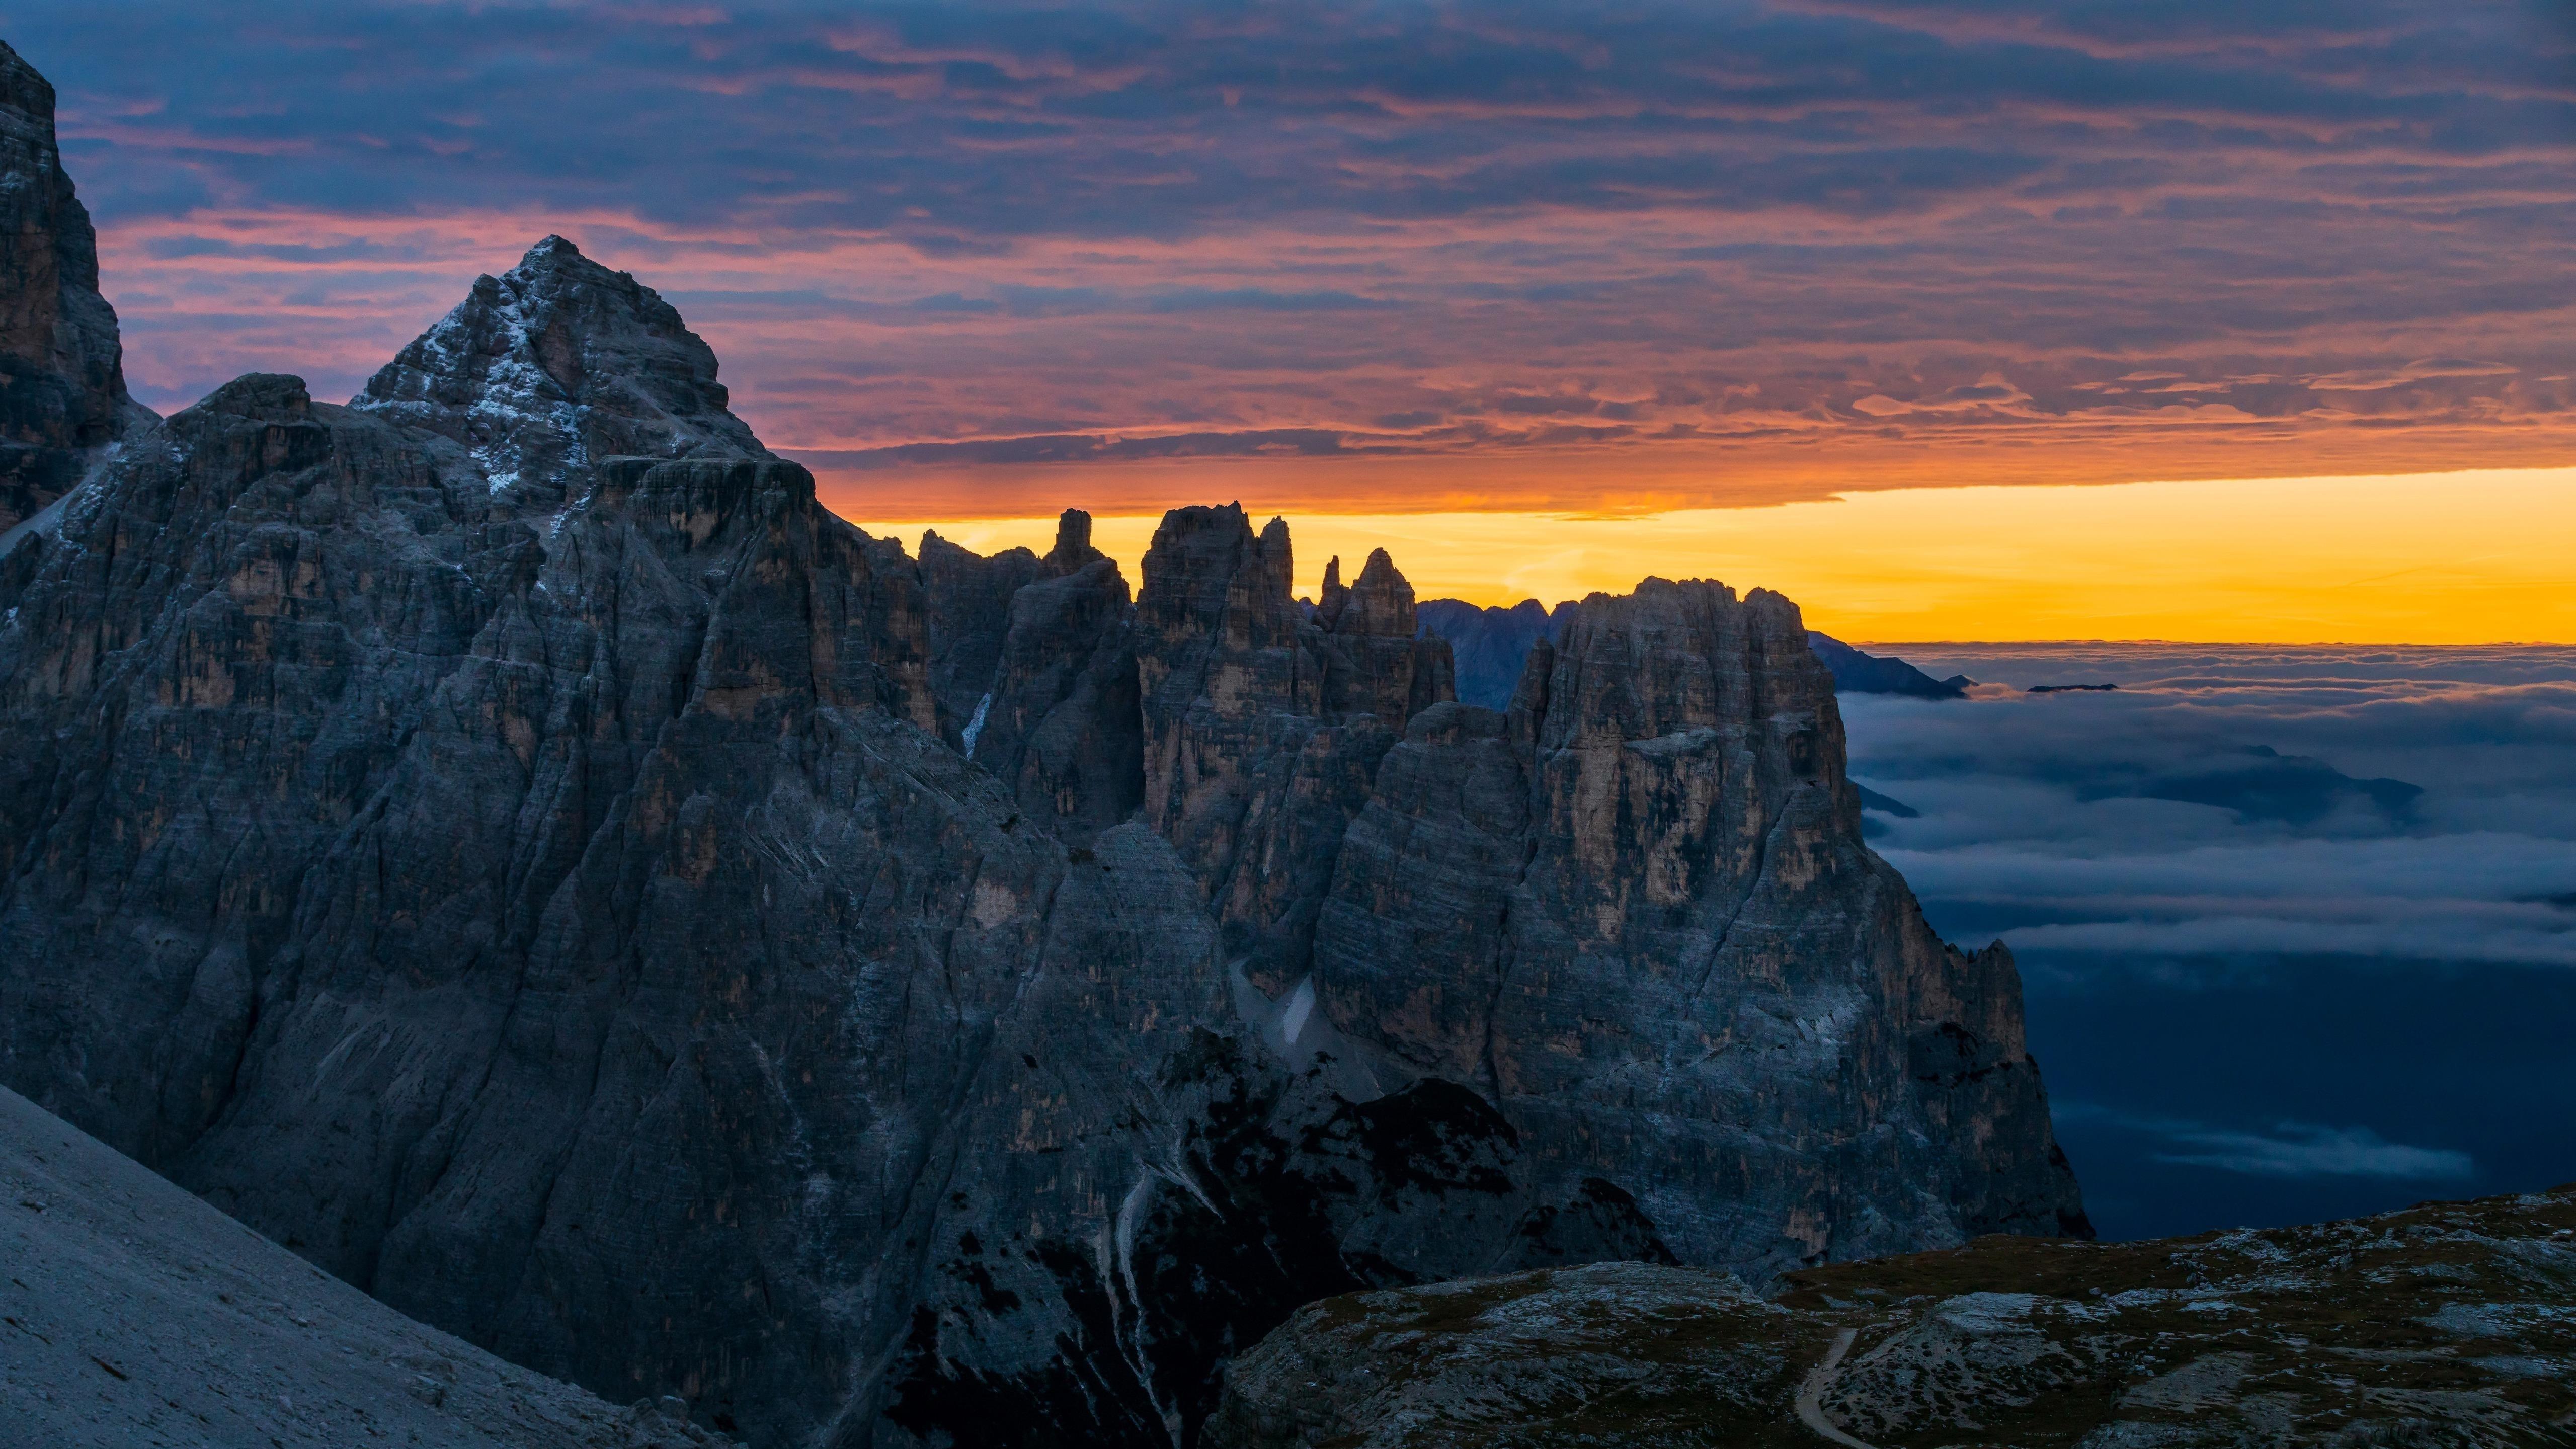 Черная гора под облаками во время заката солнца мобильный телефон природа обои скачать